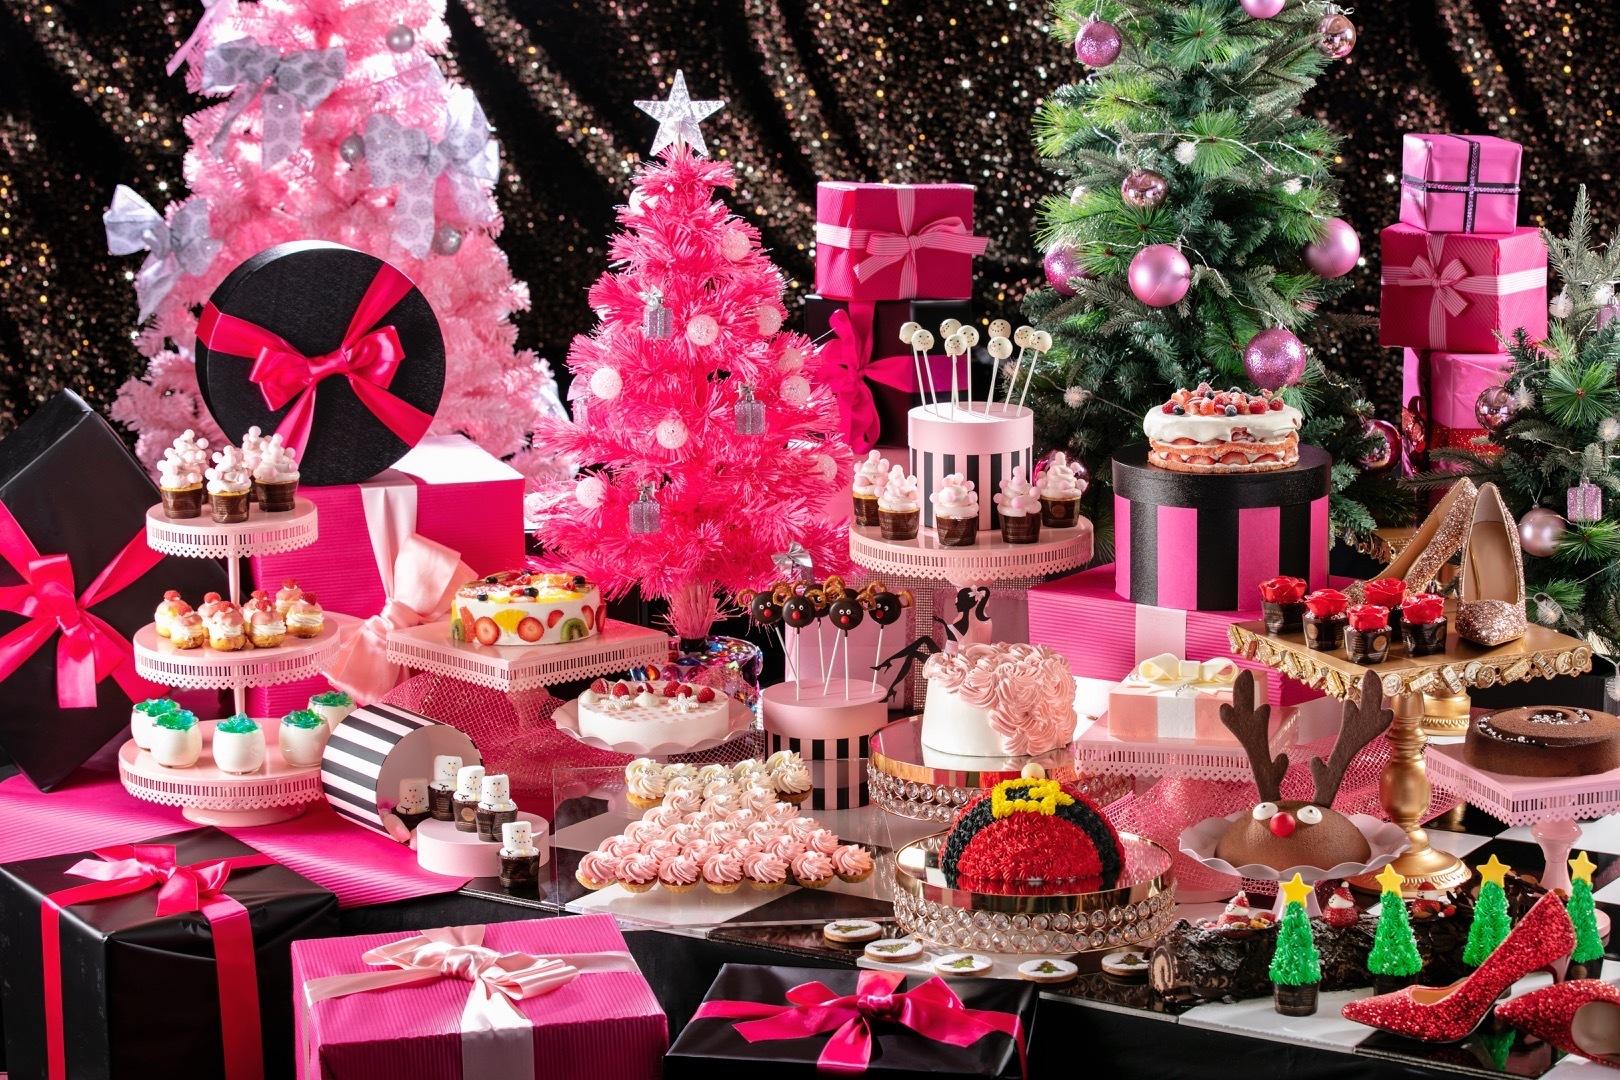 「ロマンティックな花嫁のように ピンクドレスのストロベリーシフォンケーキ」など、約35種類のスイーツや軽食が勢ぞろい!